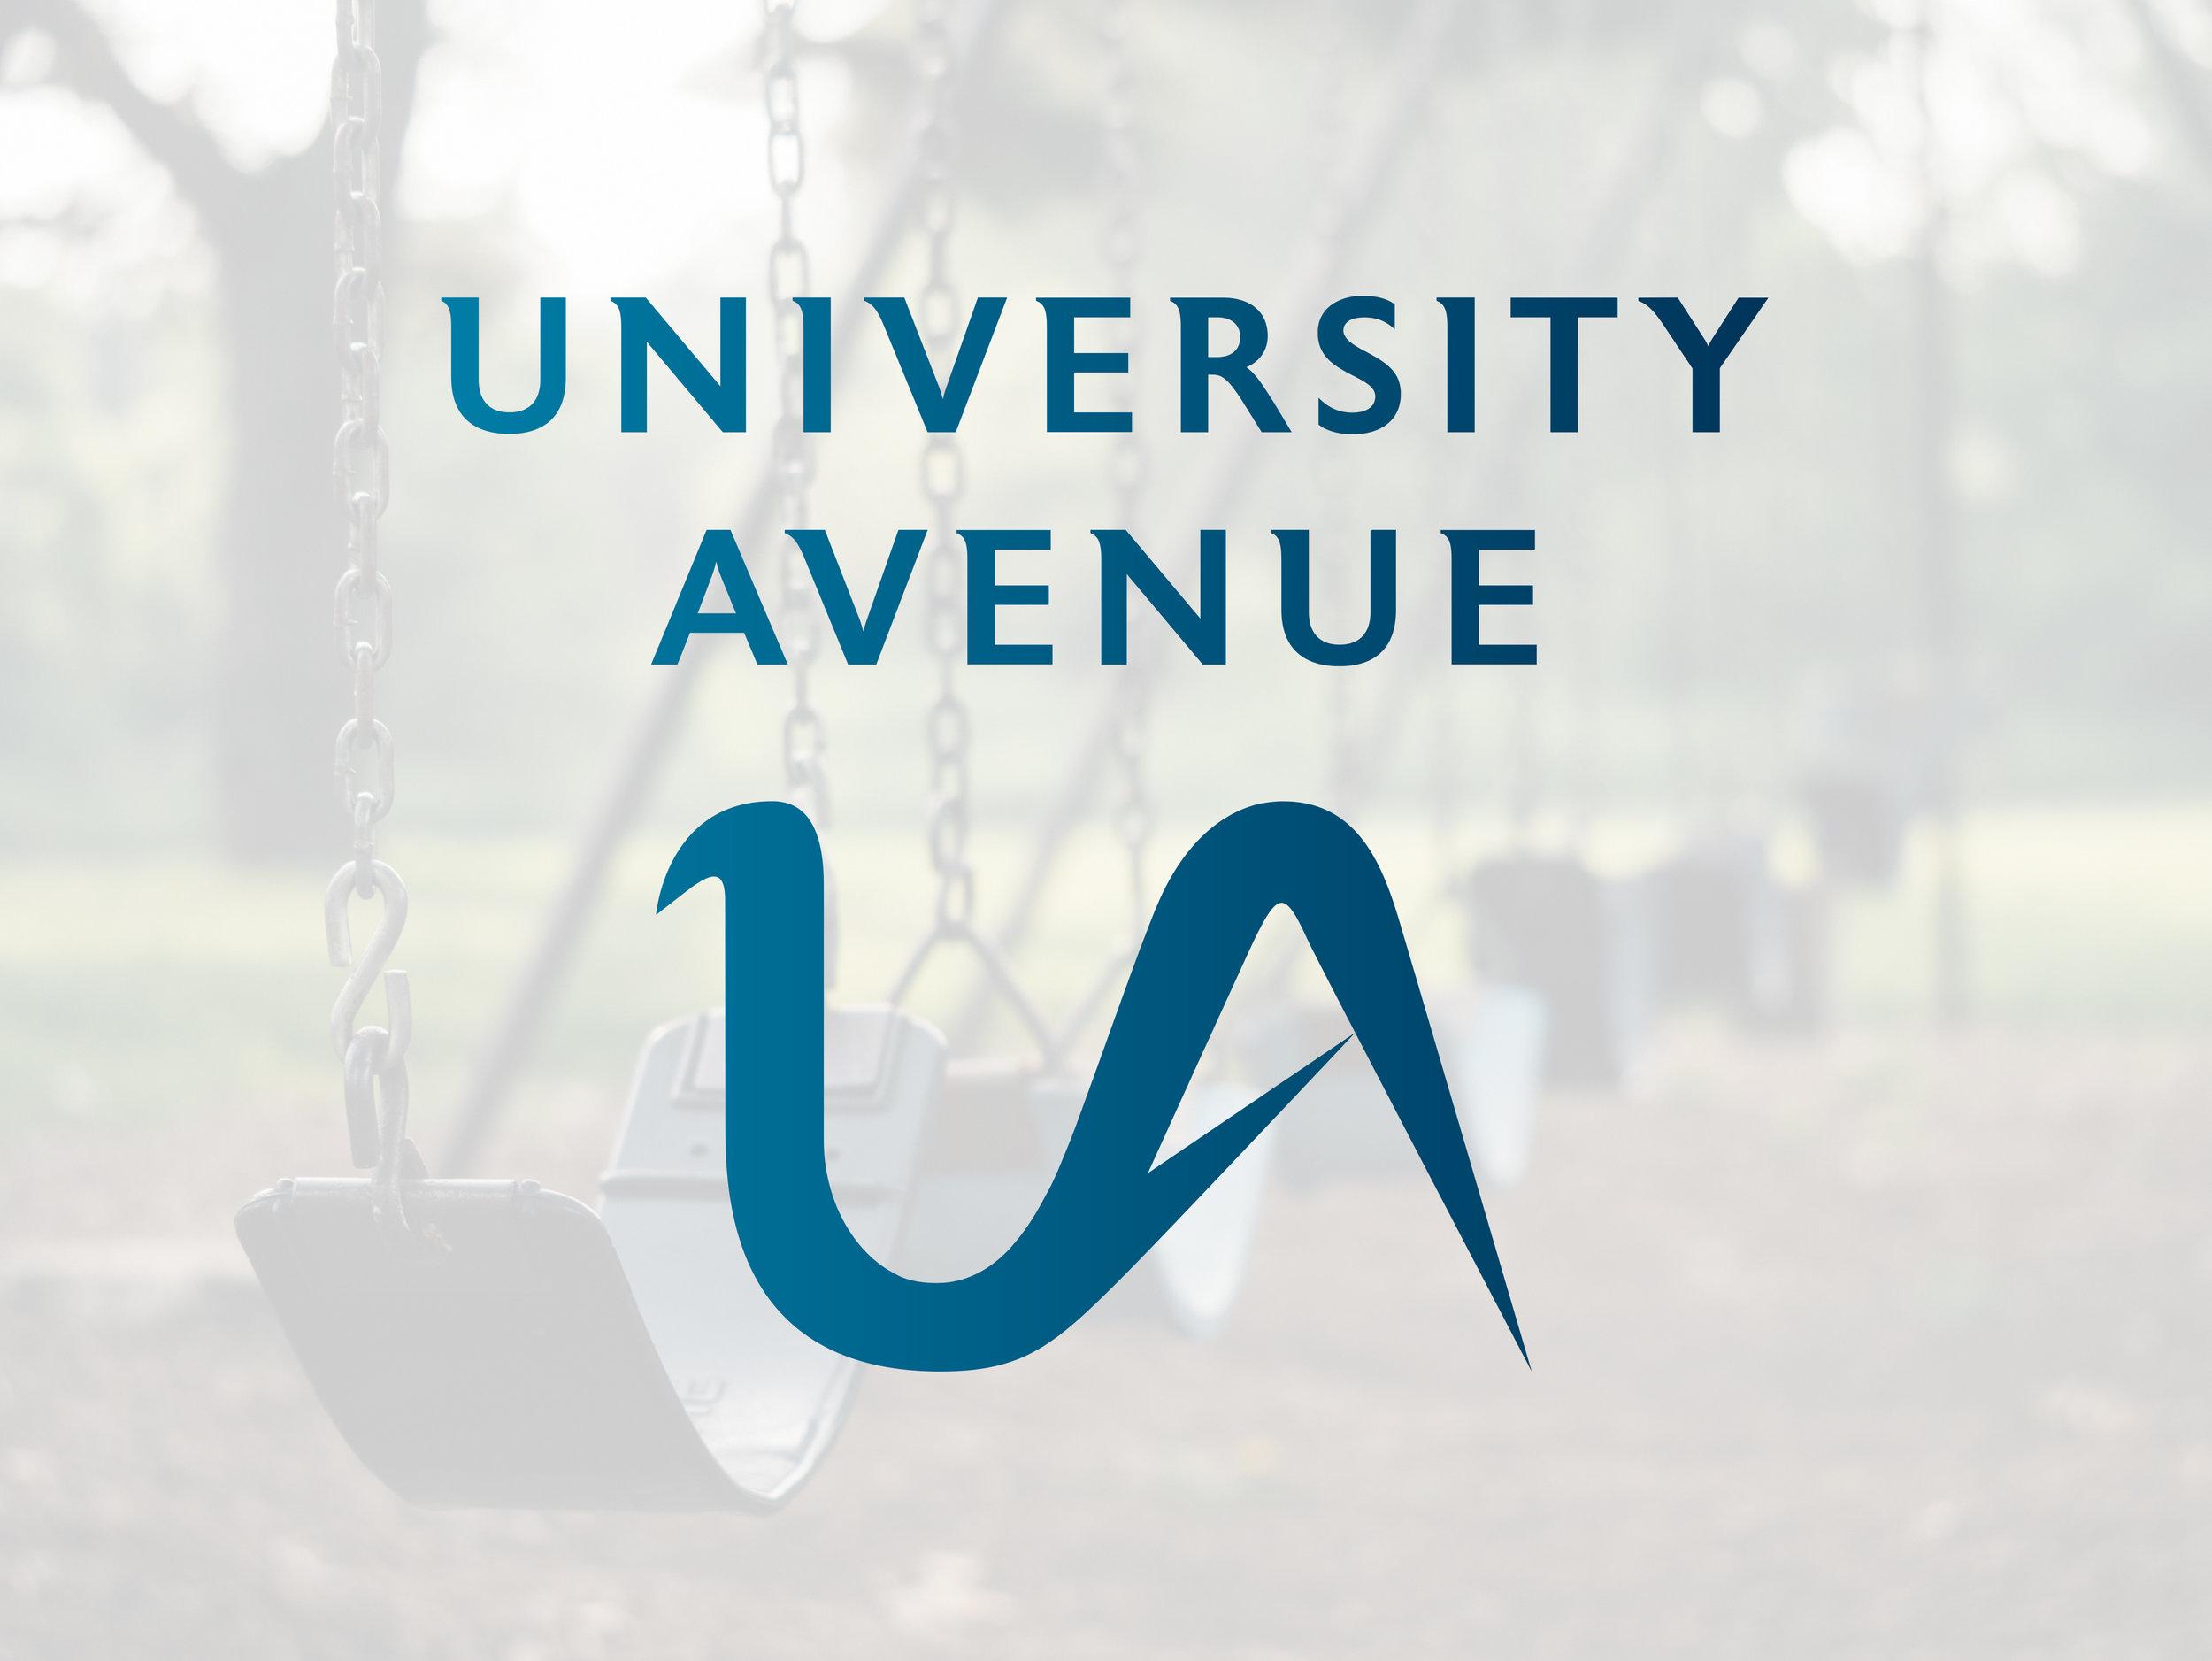 university avenue logo overlay on swing set photo